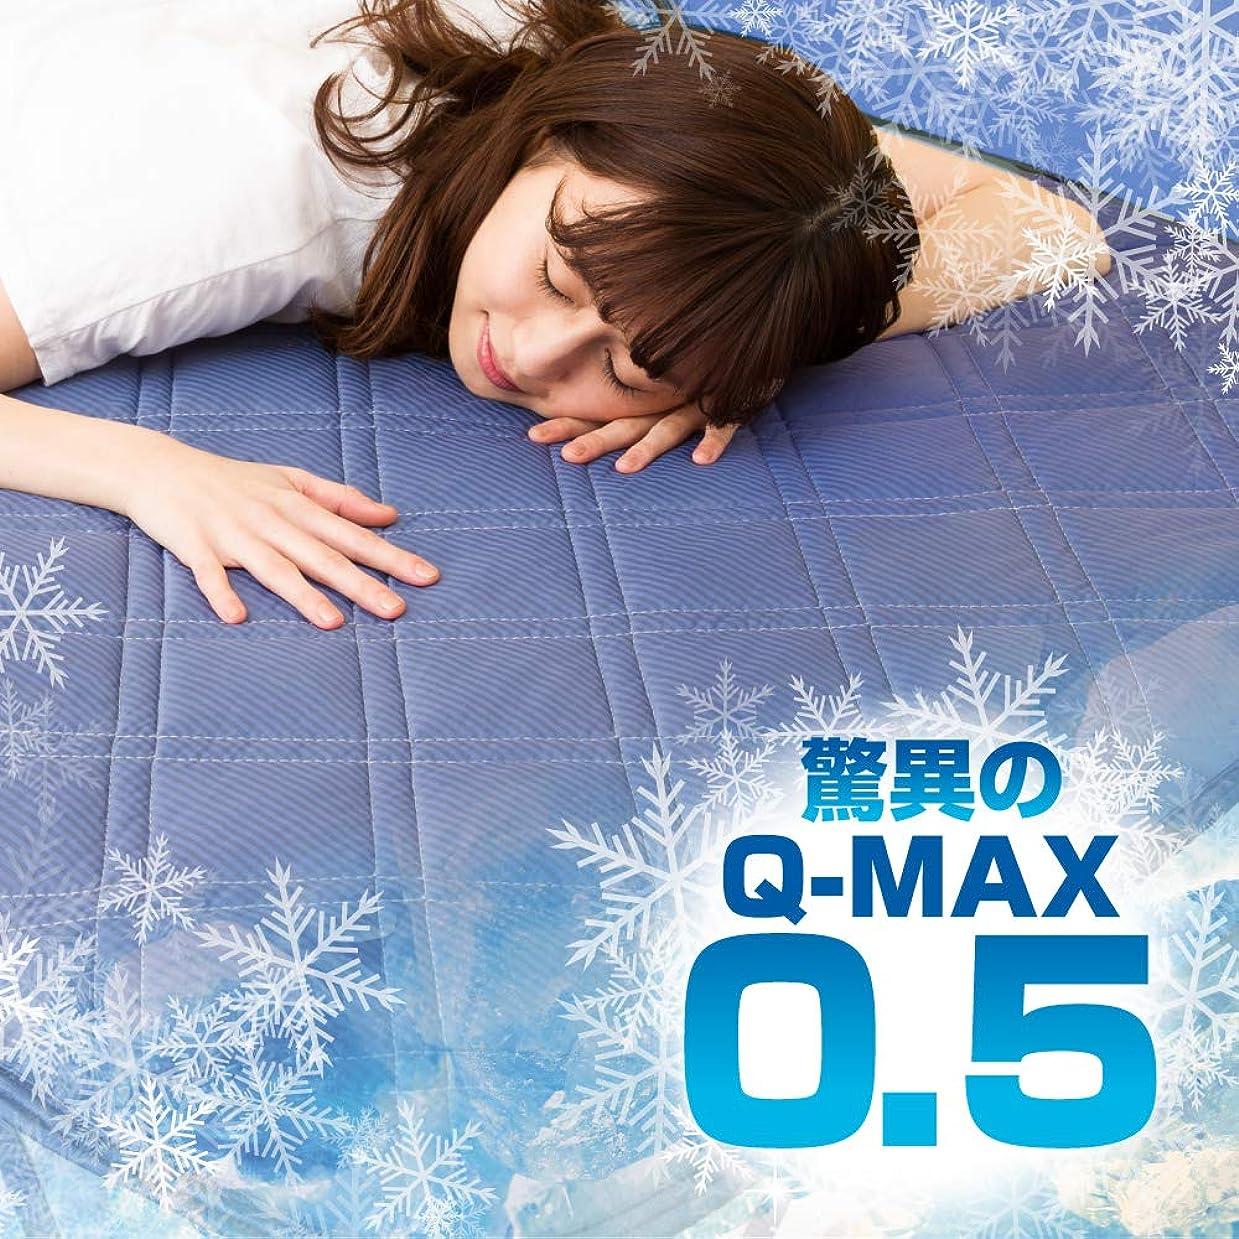 三番バナナぼかしTOBEST 極涼 敷きパッド 接触冷感 QMAX0.5 涼感 3.8倍冷たい 吸水速乾 丸洗い (クイーン)